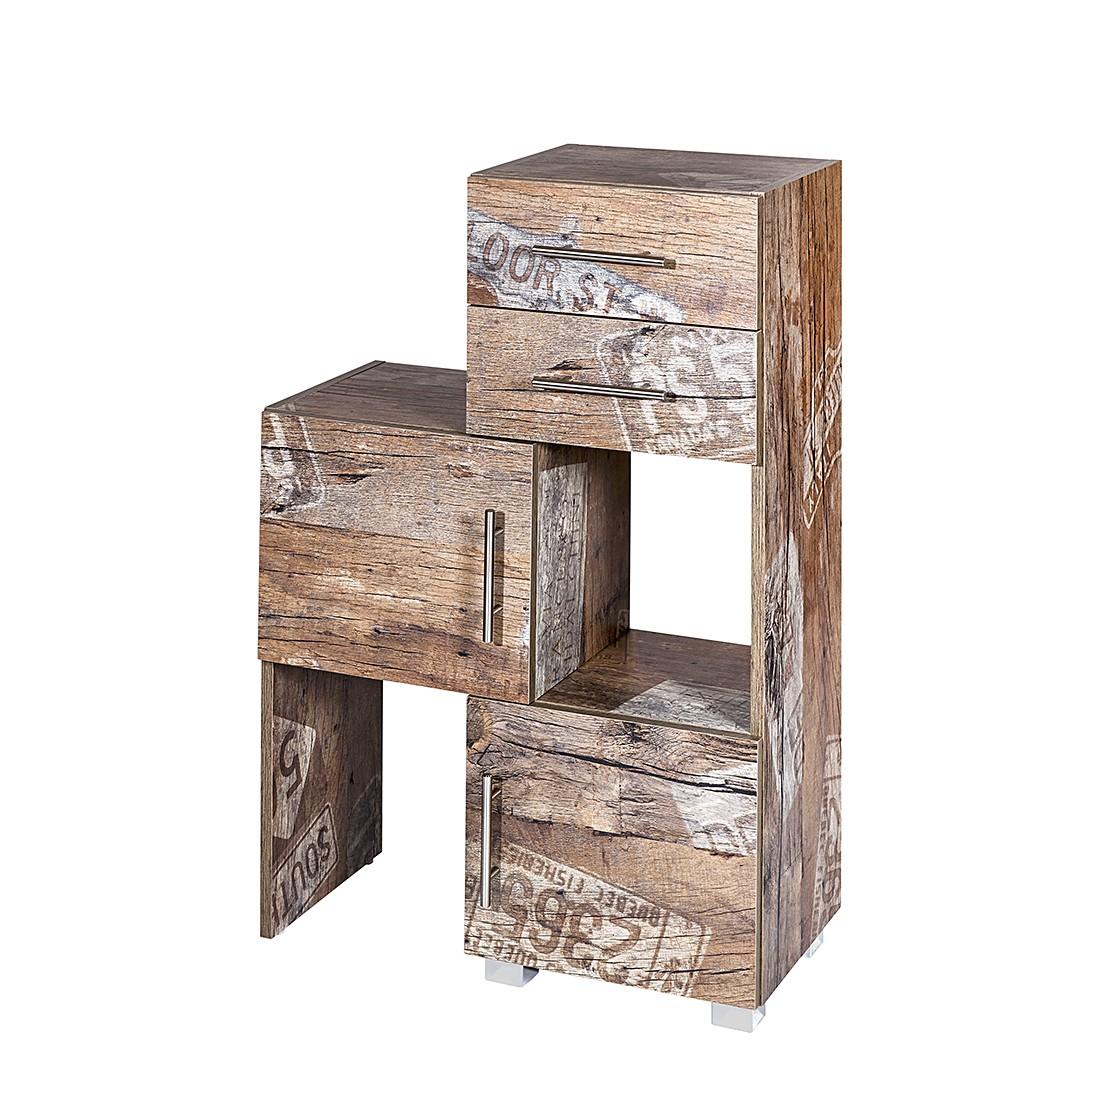 Mobile scomponibile Smilla I - Effetto legno di quercia Panama, Schildmeyer